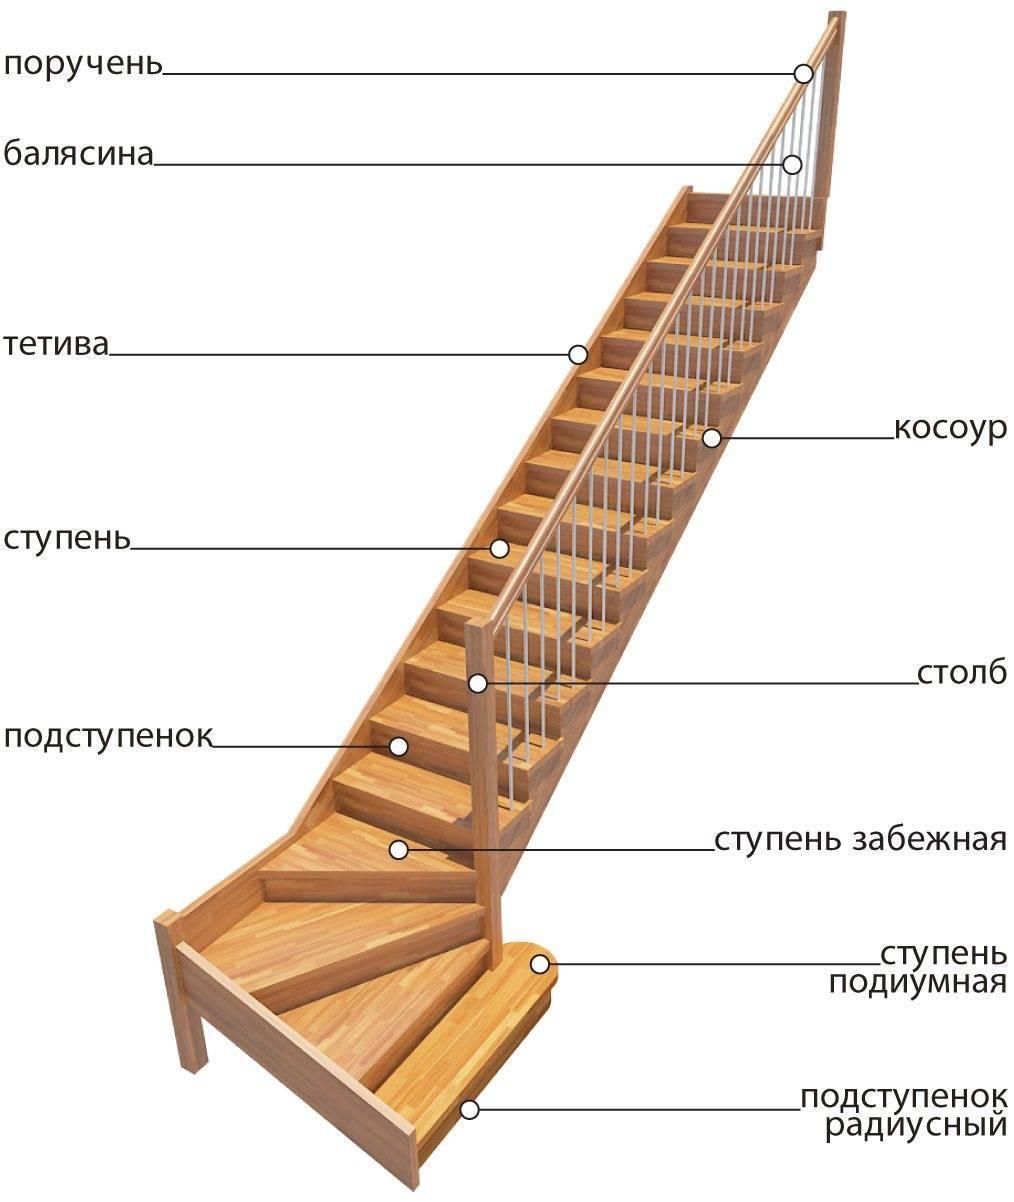 Лестница на второй этаж своими руками из дерева схема